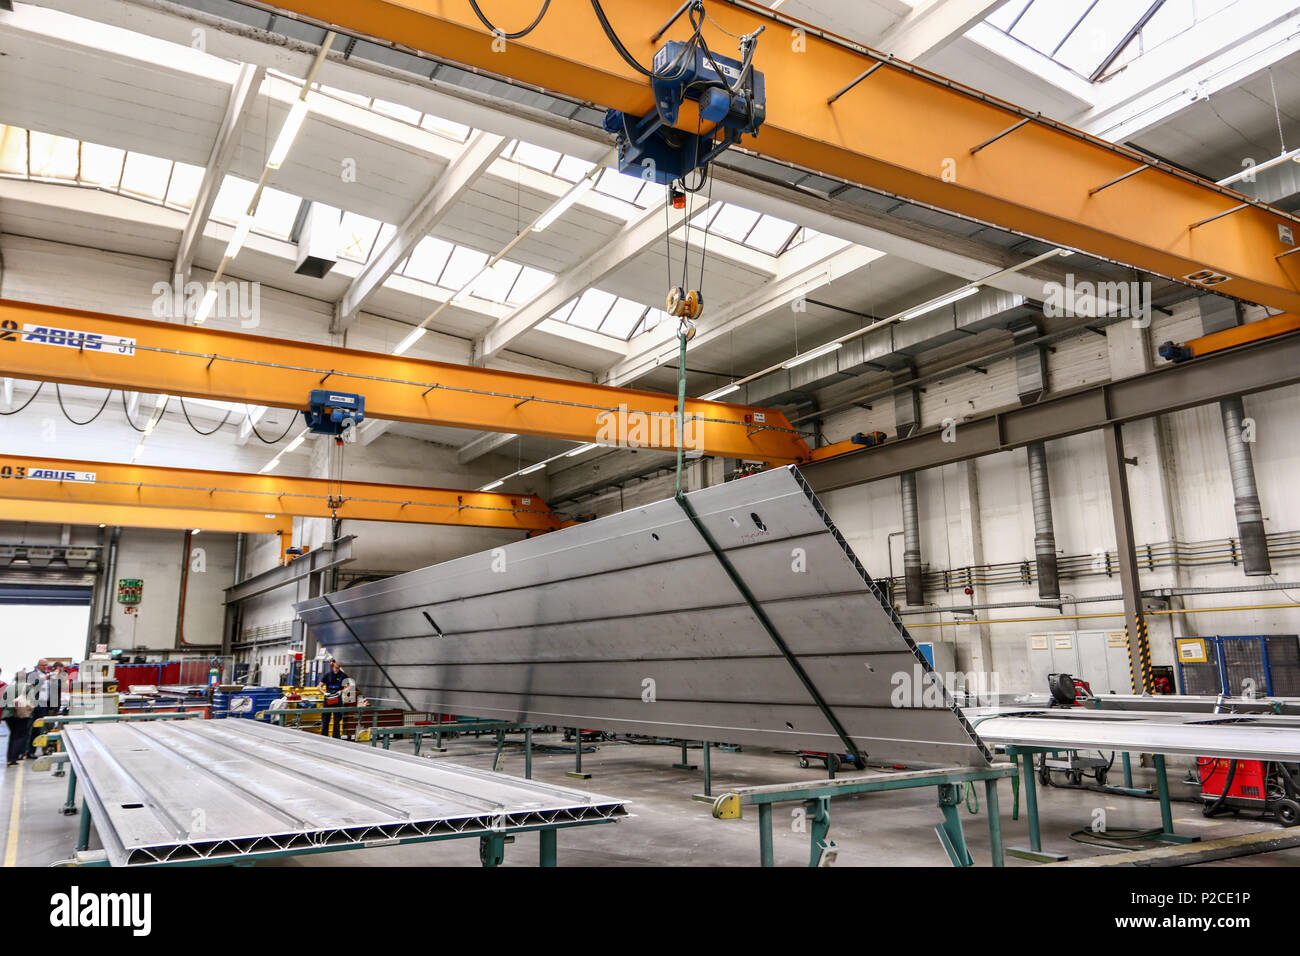 Derzeit entsteht im Siemens Werk Krefeld-Uerdingen die neue Generation von Fahrzeugen fuer den Nahverkehr in der Rhein-Ruhr-Region. Der Siemens Desiro HC ist eine Kombination aus Elektro-Triebzug und Doppelstockwagen. - Stock Image